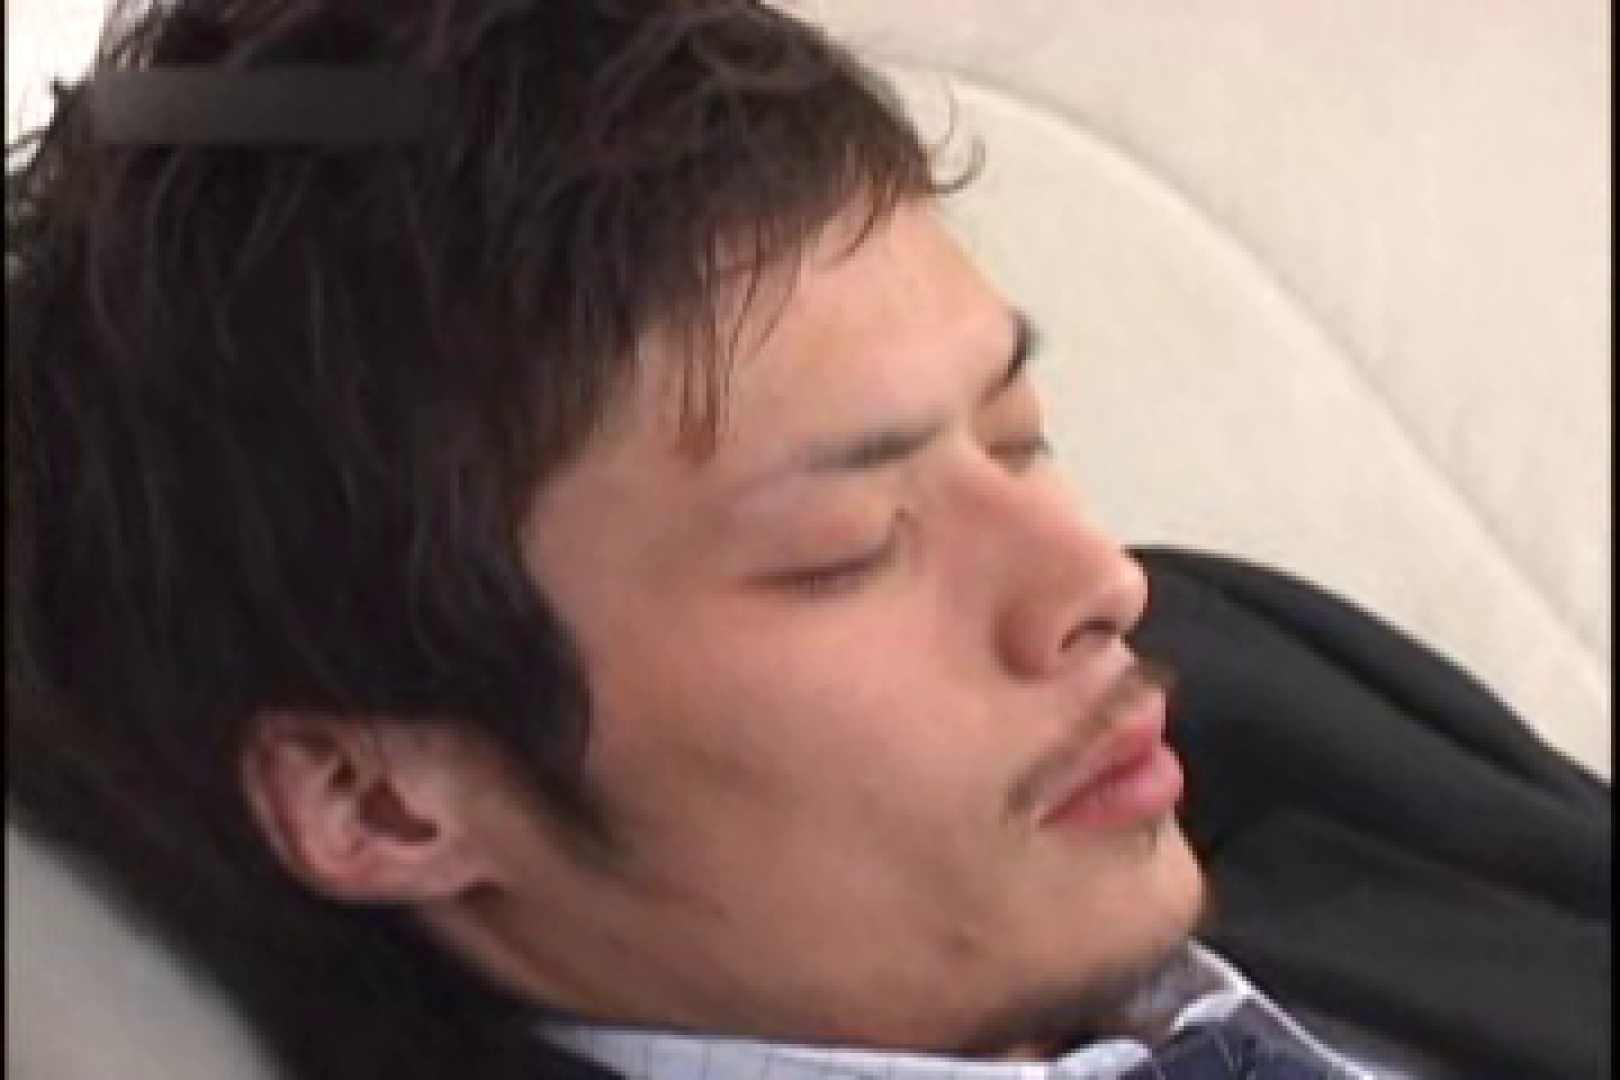 【期間限定】大集合!!カッコ可愛いメンズの一穴入根!!vol.55 射精  55pic 23